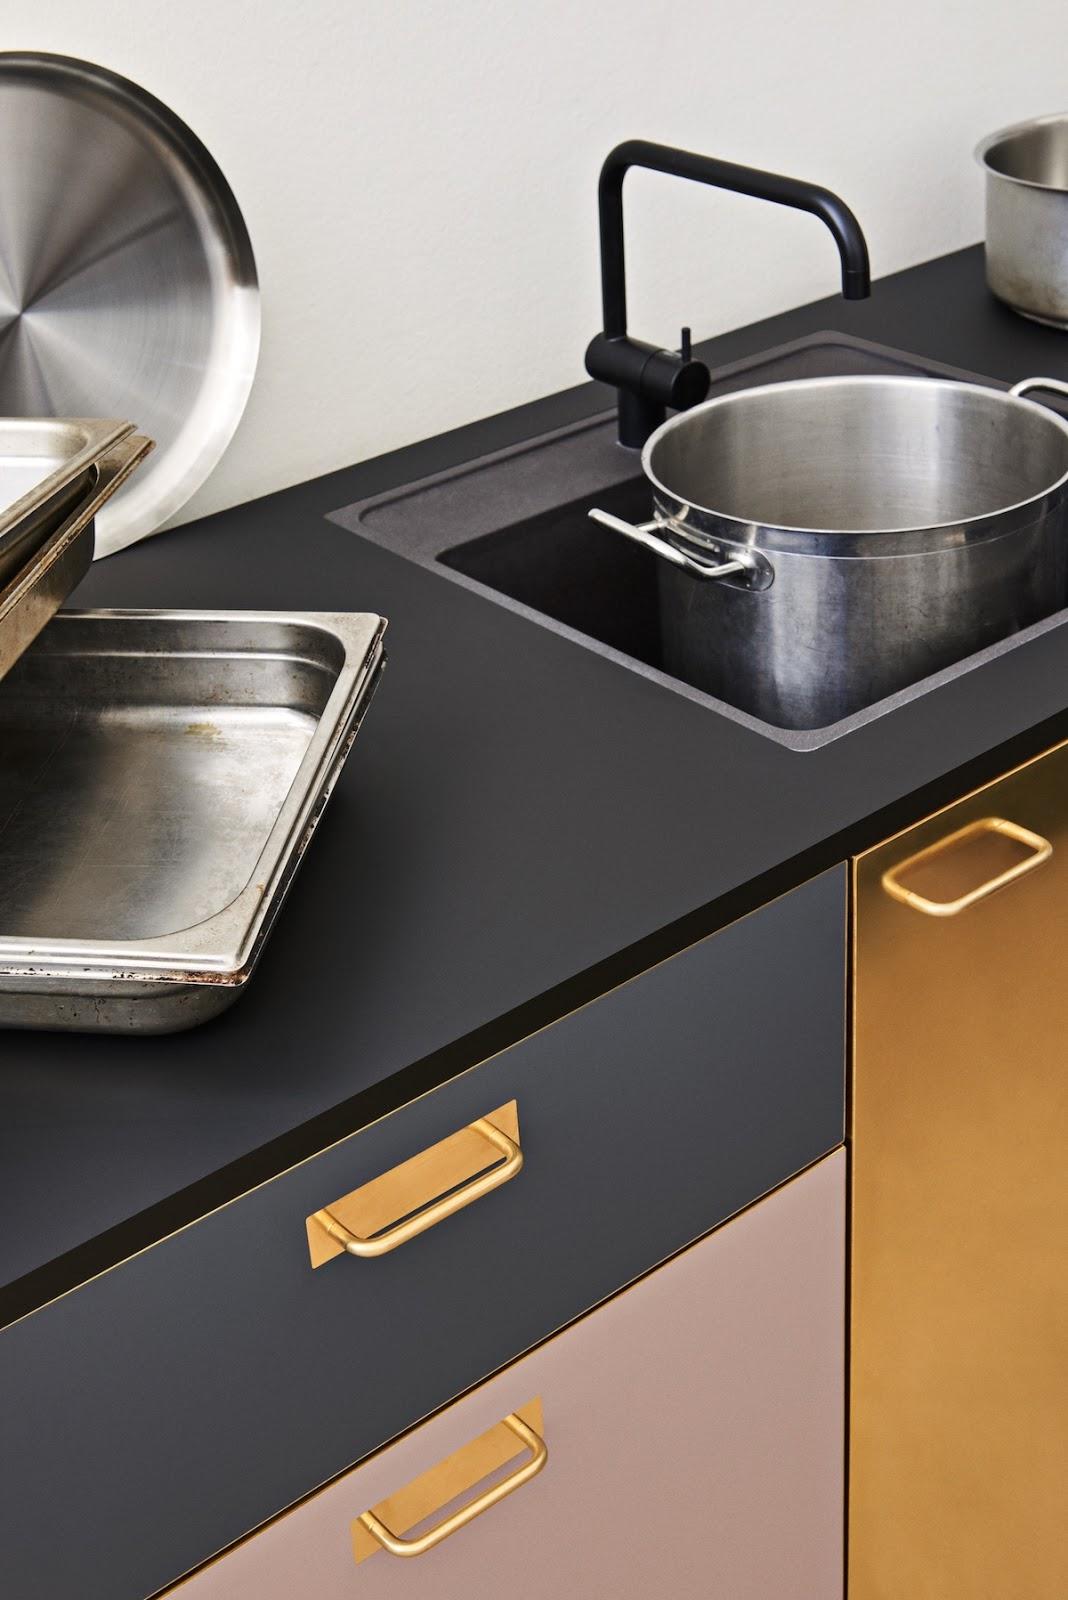 Альтернативный взгляд на дизайн кухни